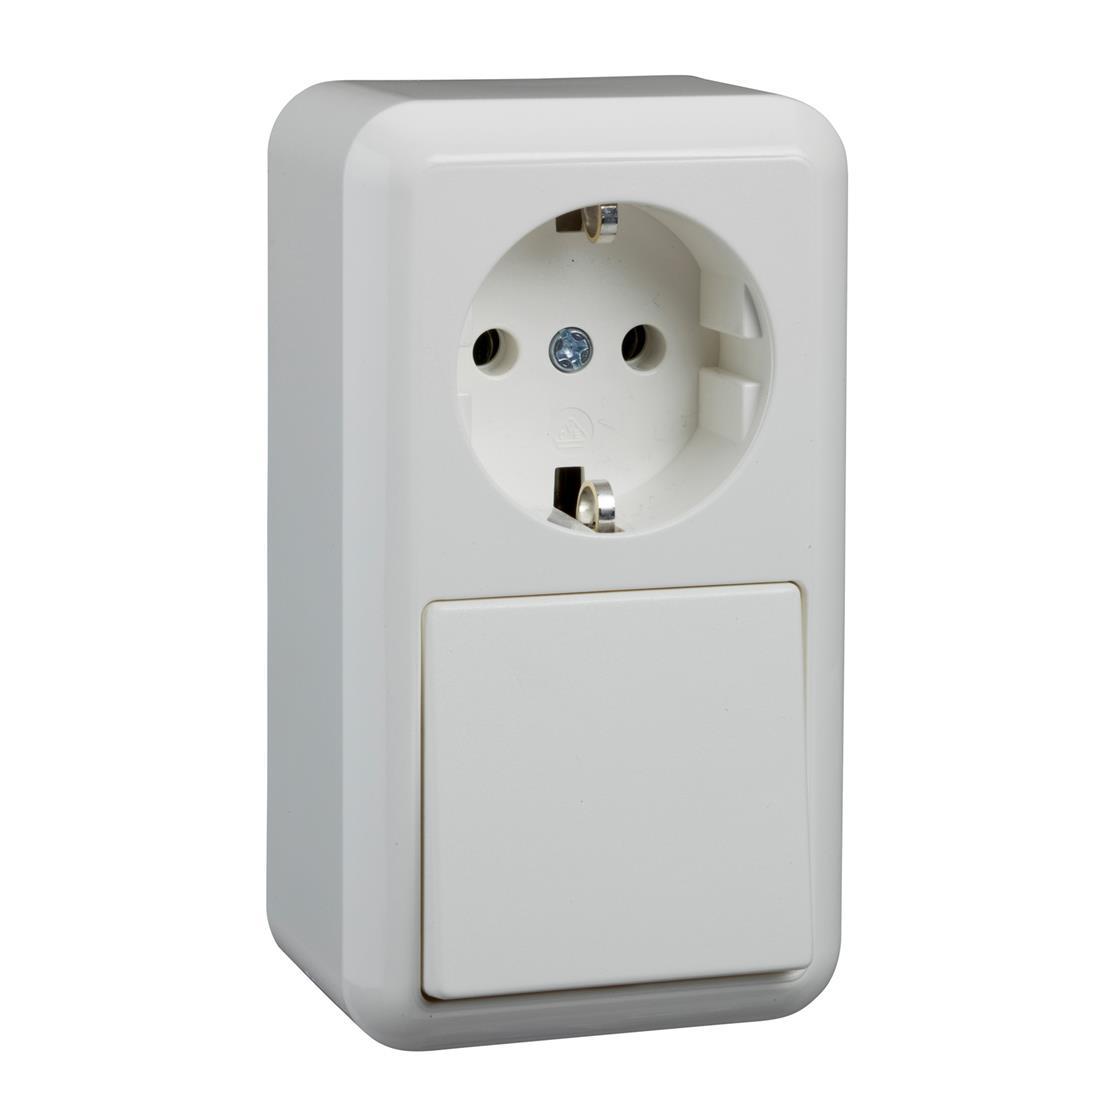 Schneider Electric Merten Contura opbouw combinatie 1-voudig wandcontactdoos met randaarde + wisselschakelaar - arctic wit (388604)